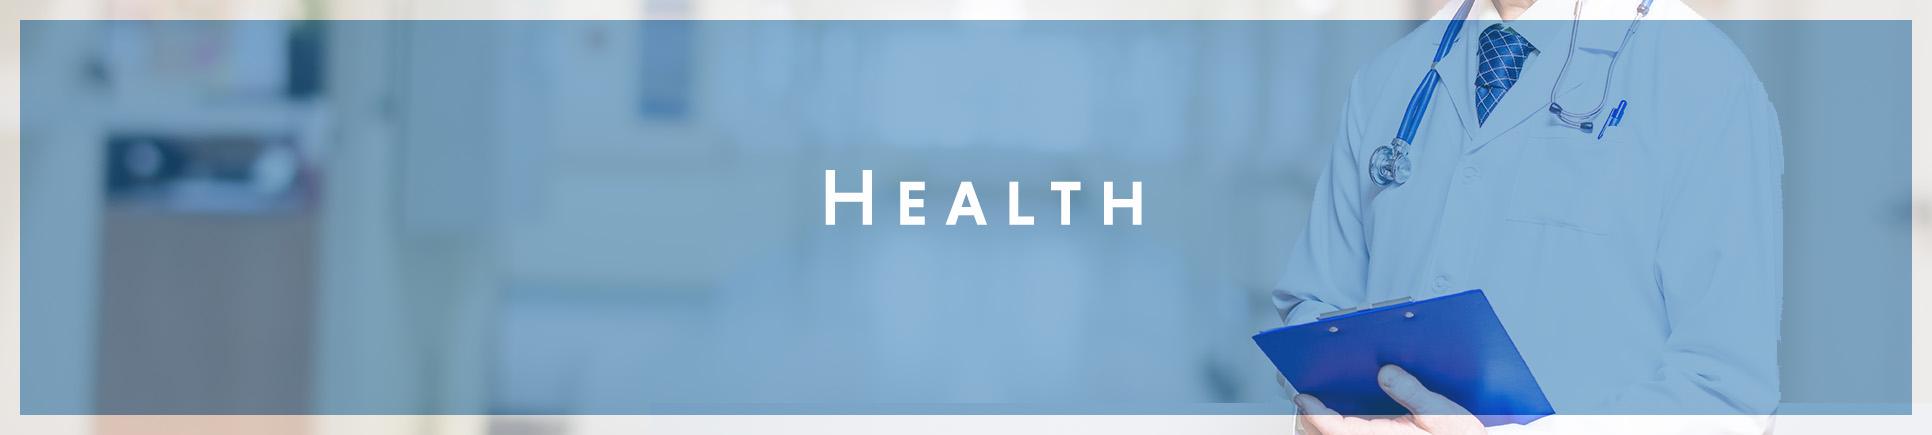 HEALTH - Teeo